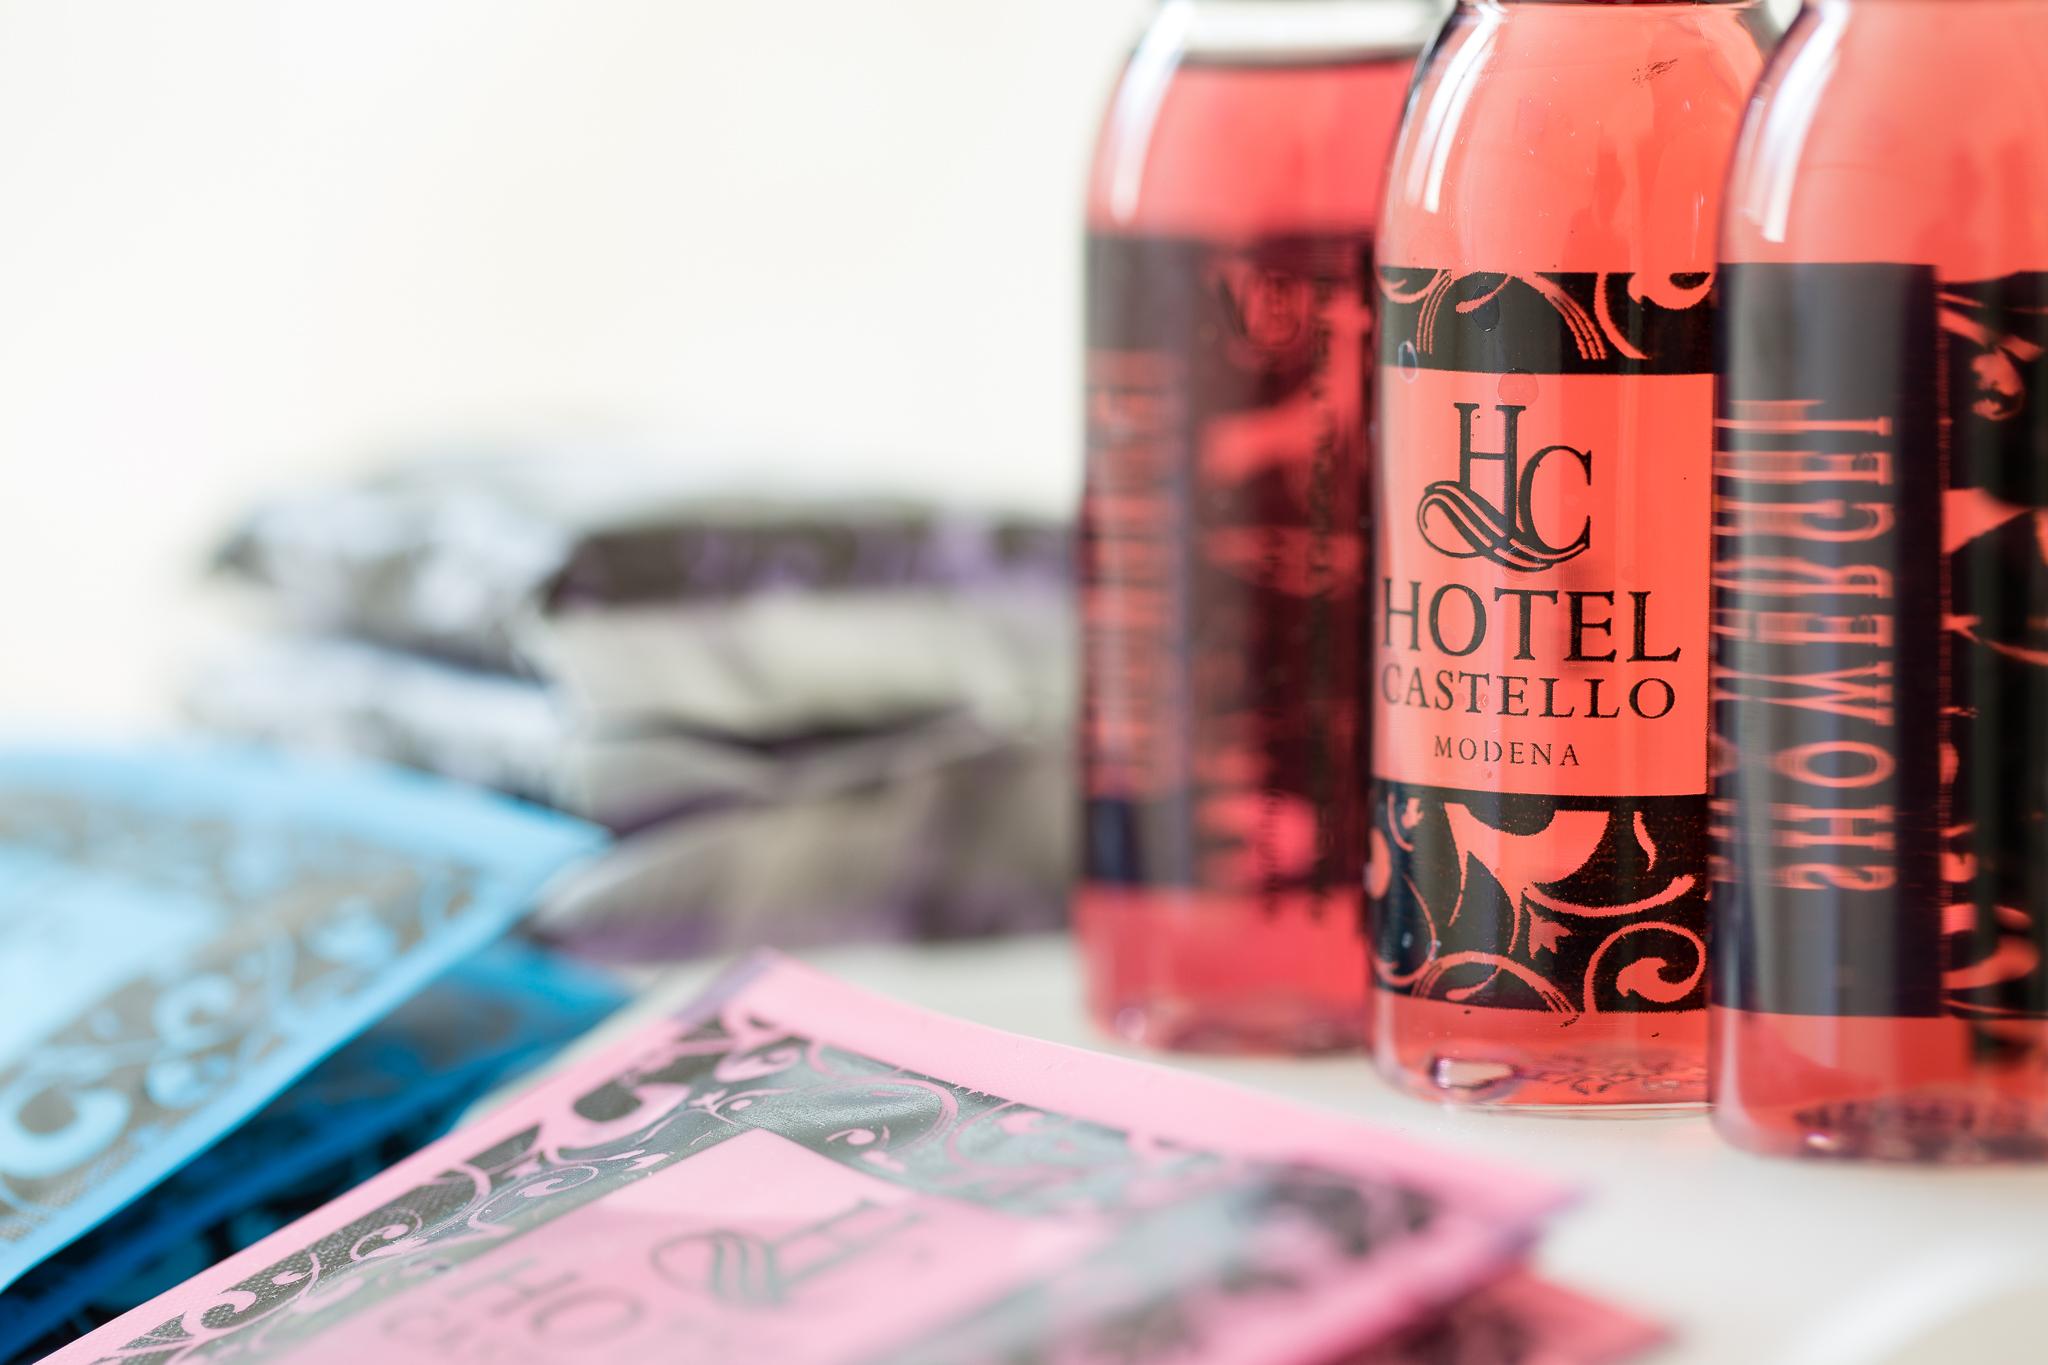 hotel_castello-9272-87